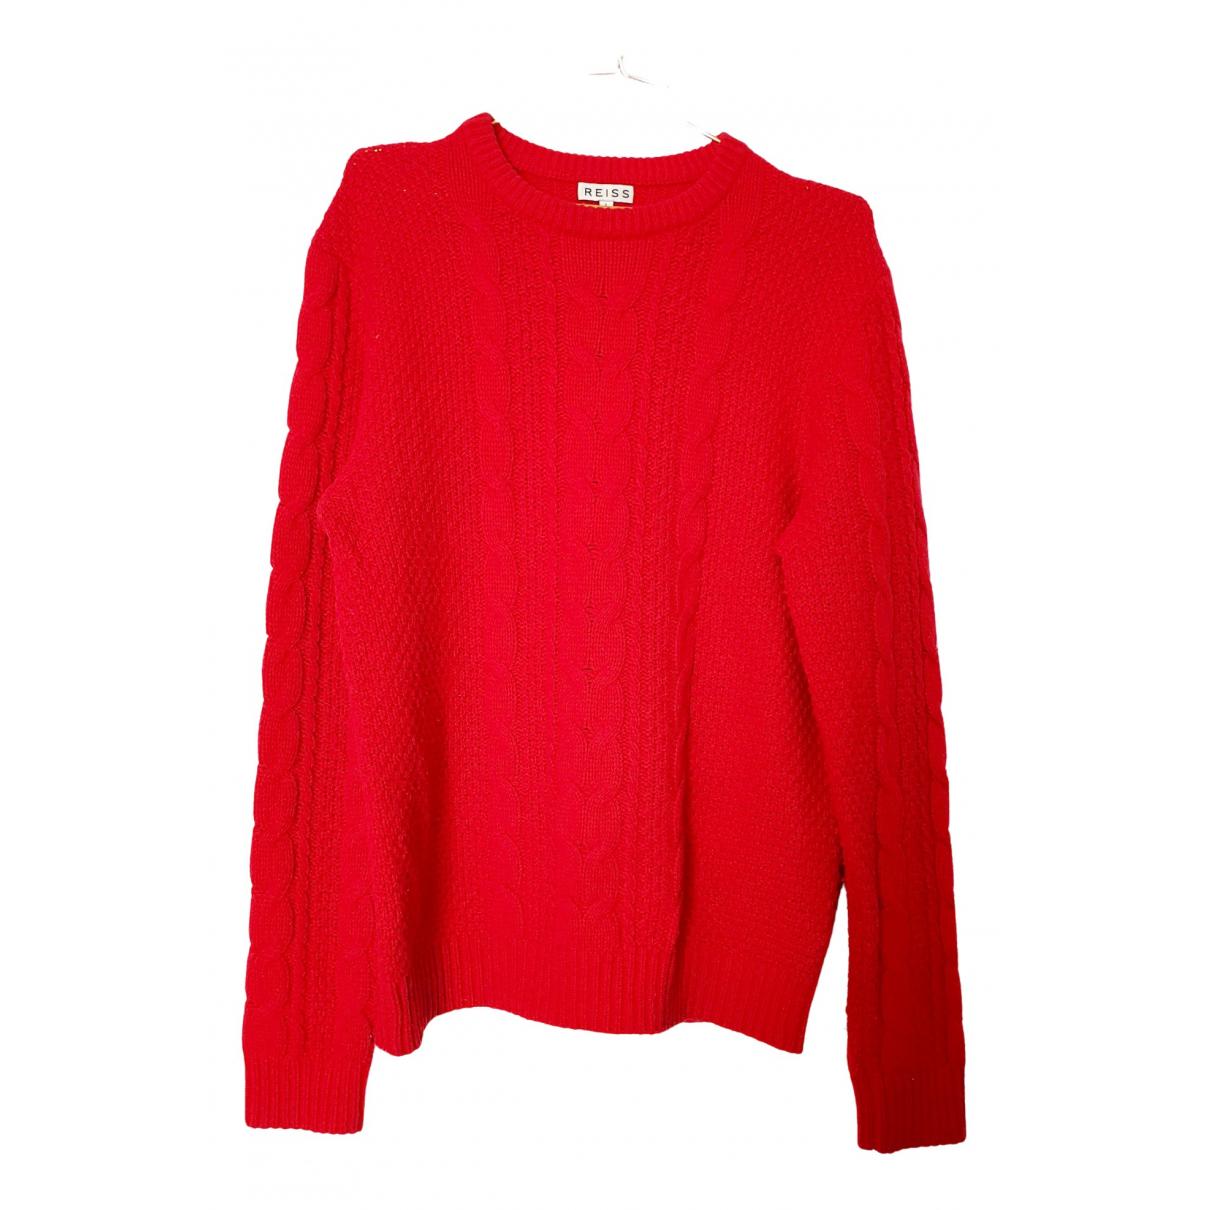 Reiss - Pull   pour femme en laine - rouge